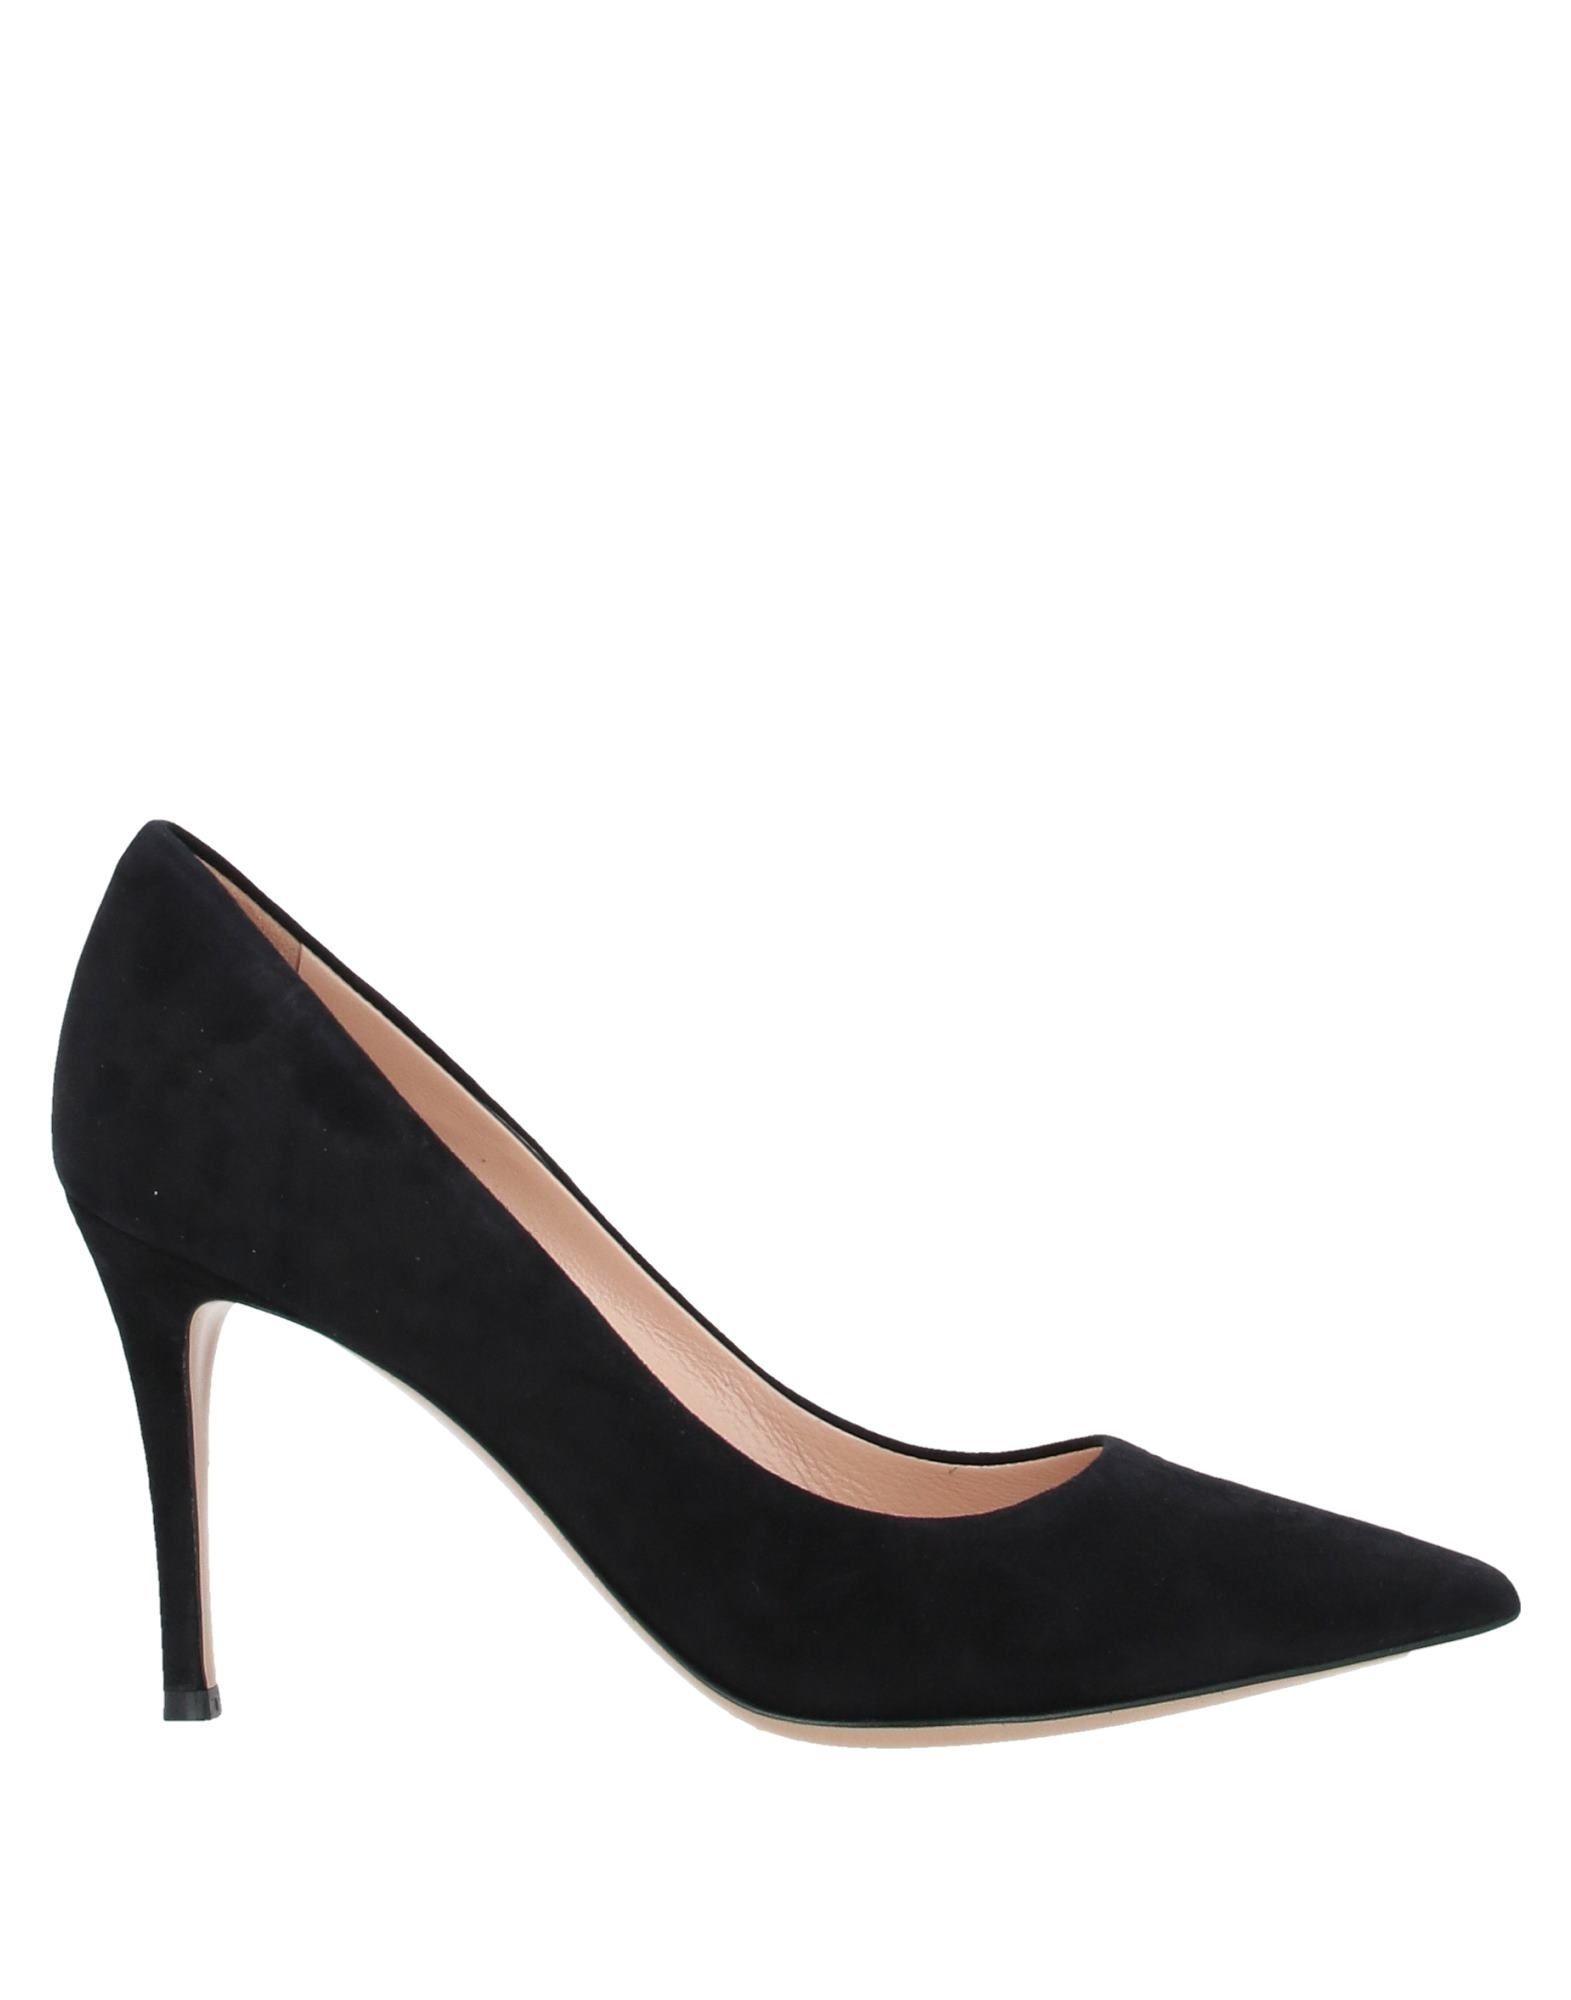 Footwear Lerre Black Women's Leather